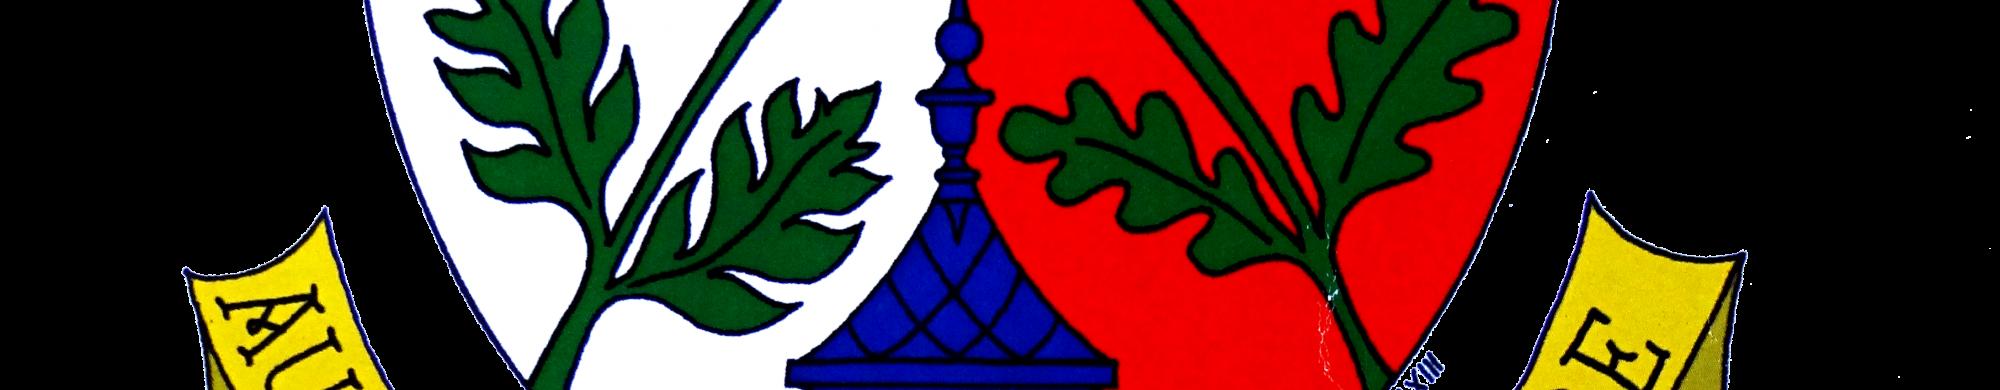 Blason de la commune de Laire